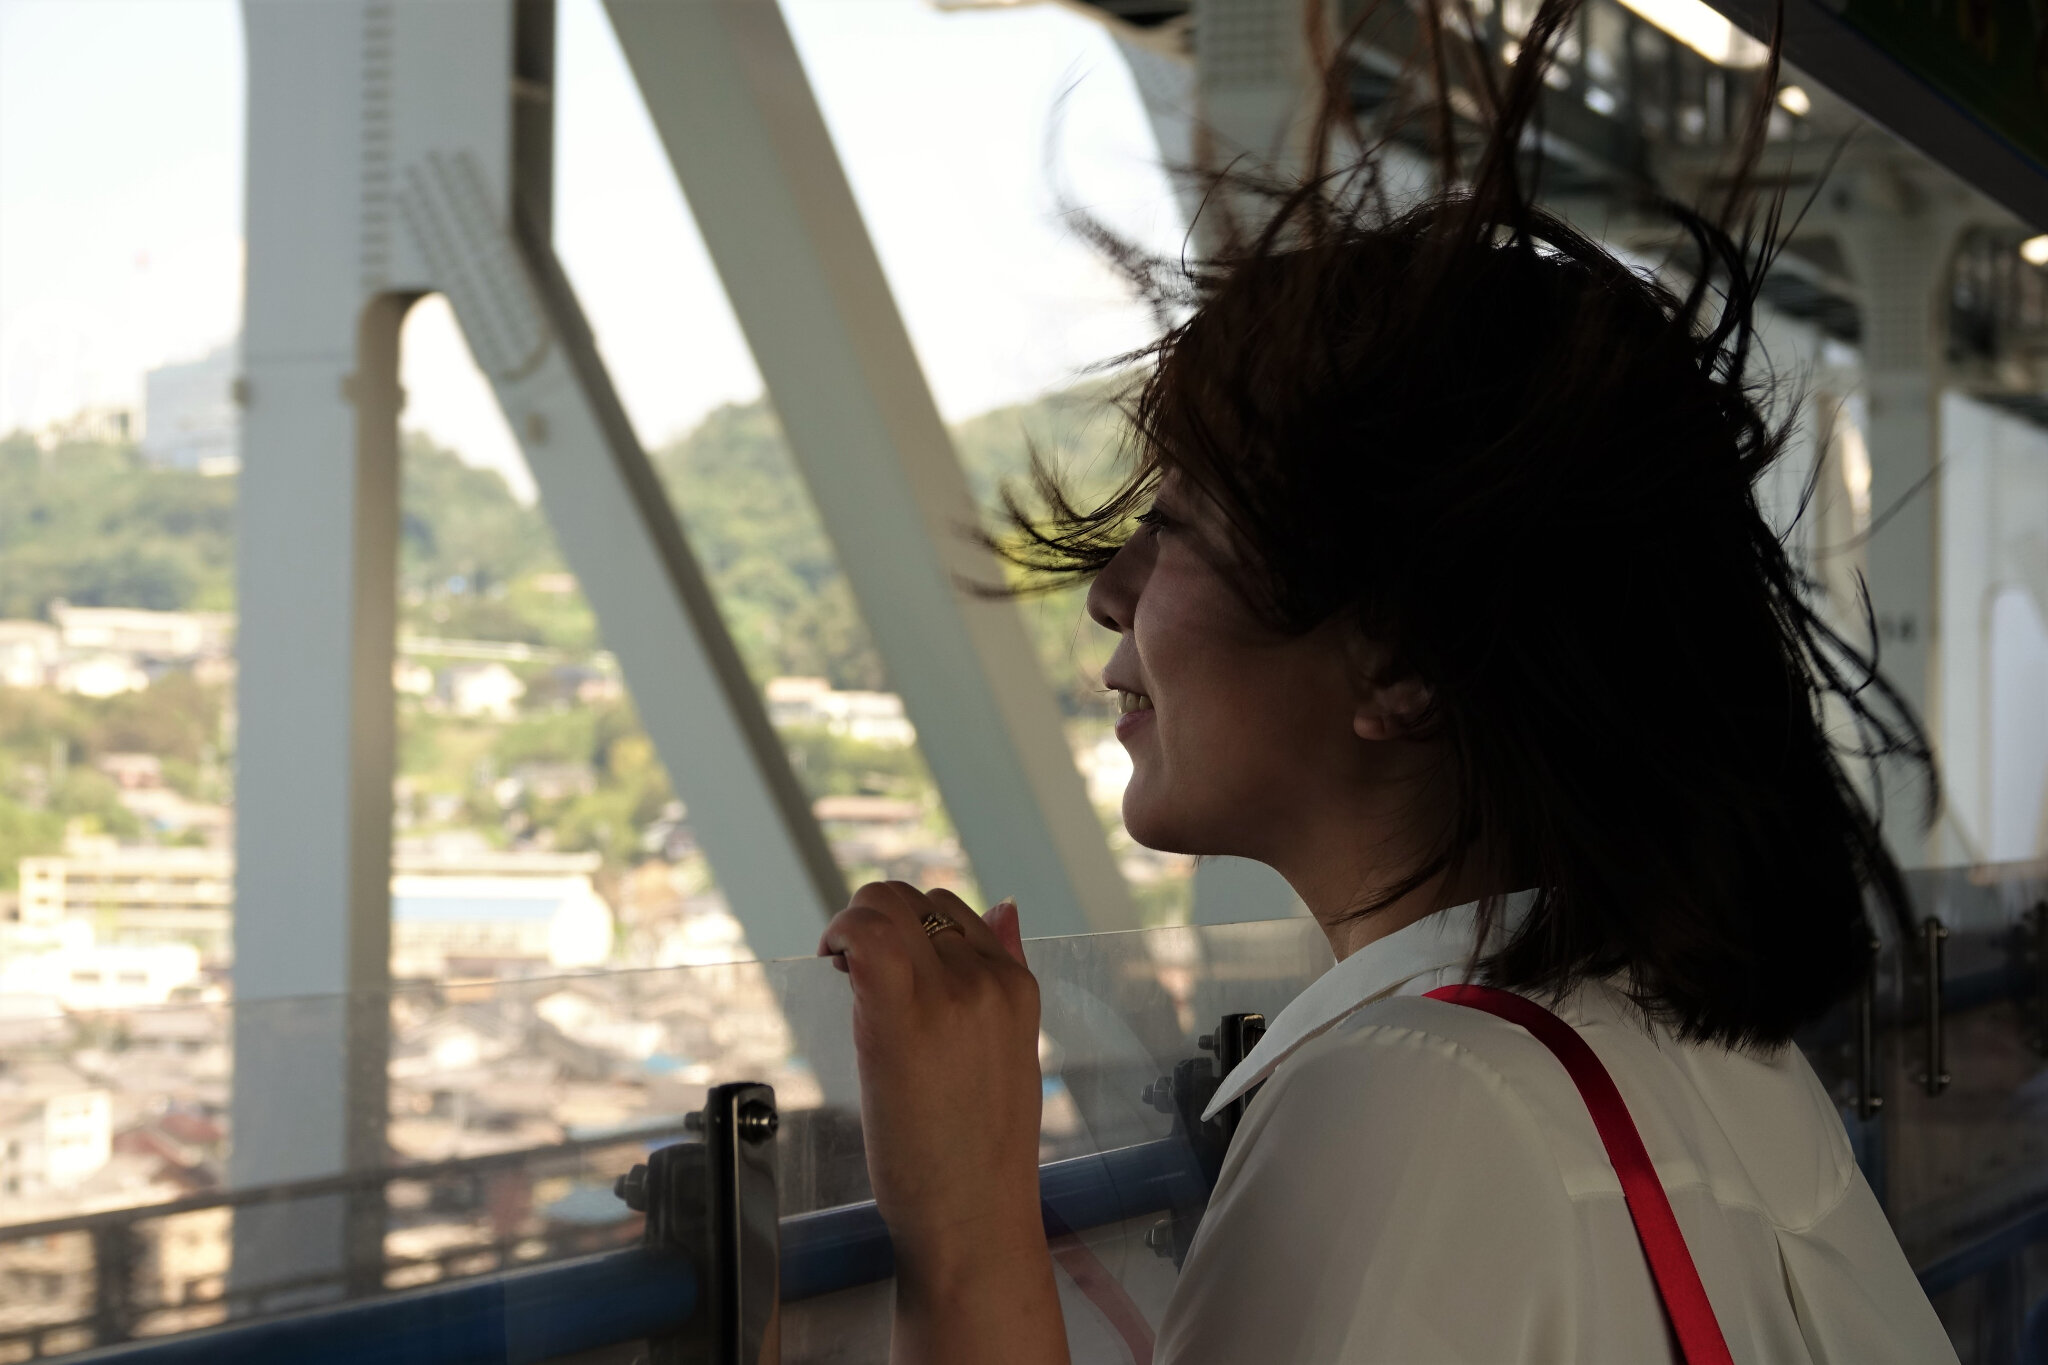 Anpan-woman in the wind 'Torokko'